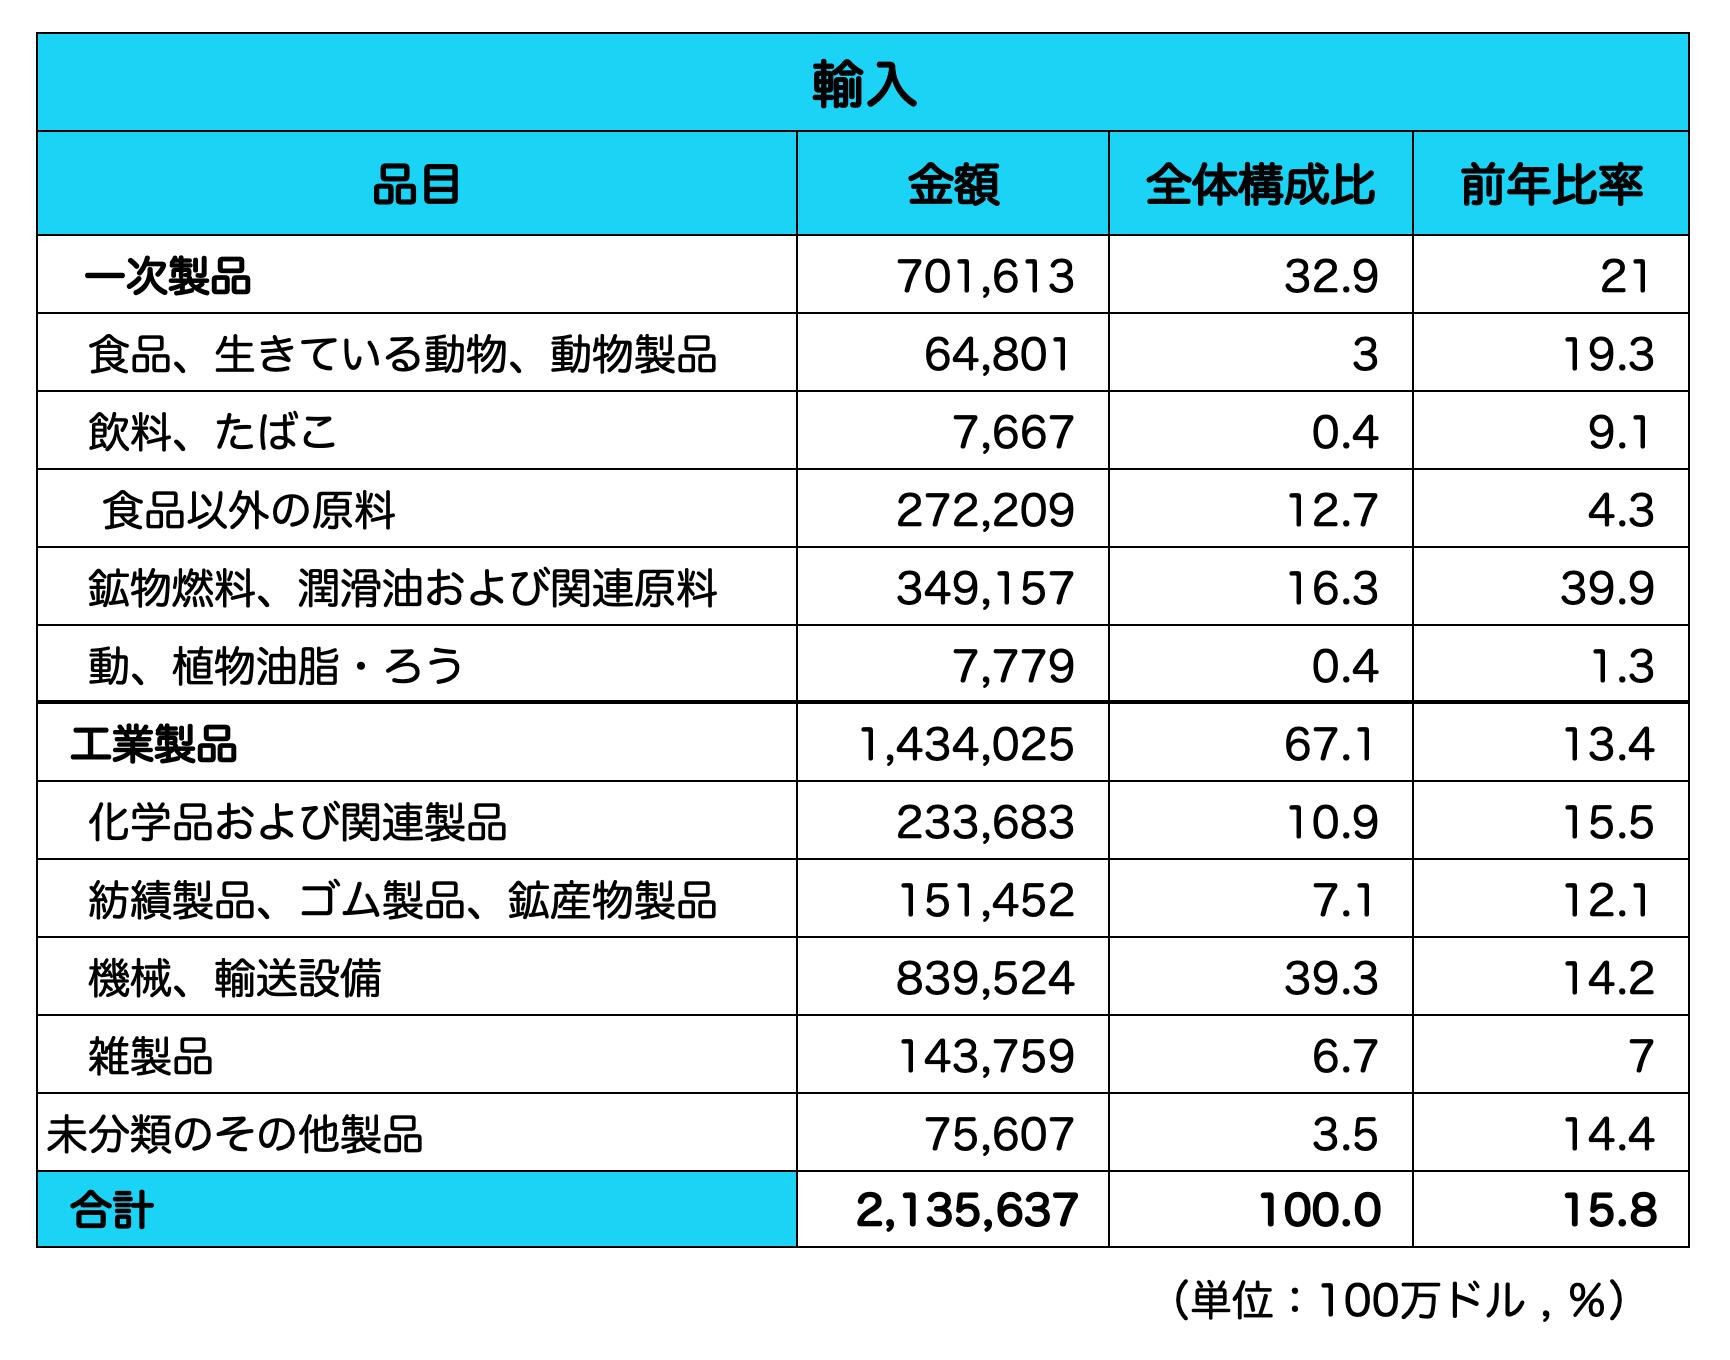 中国_輸入品目